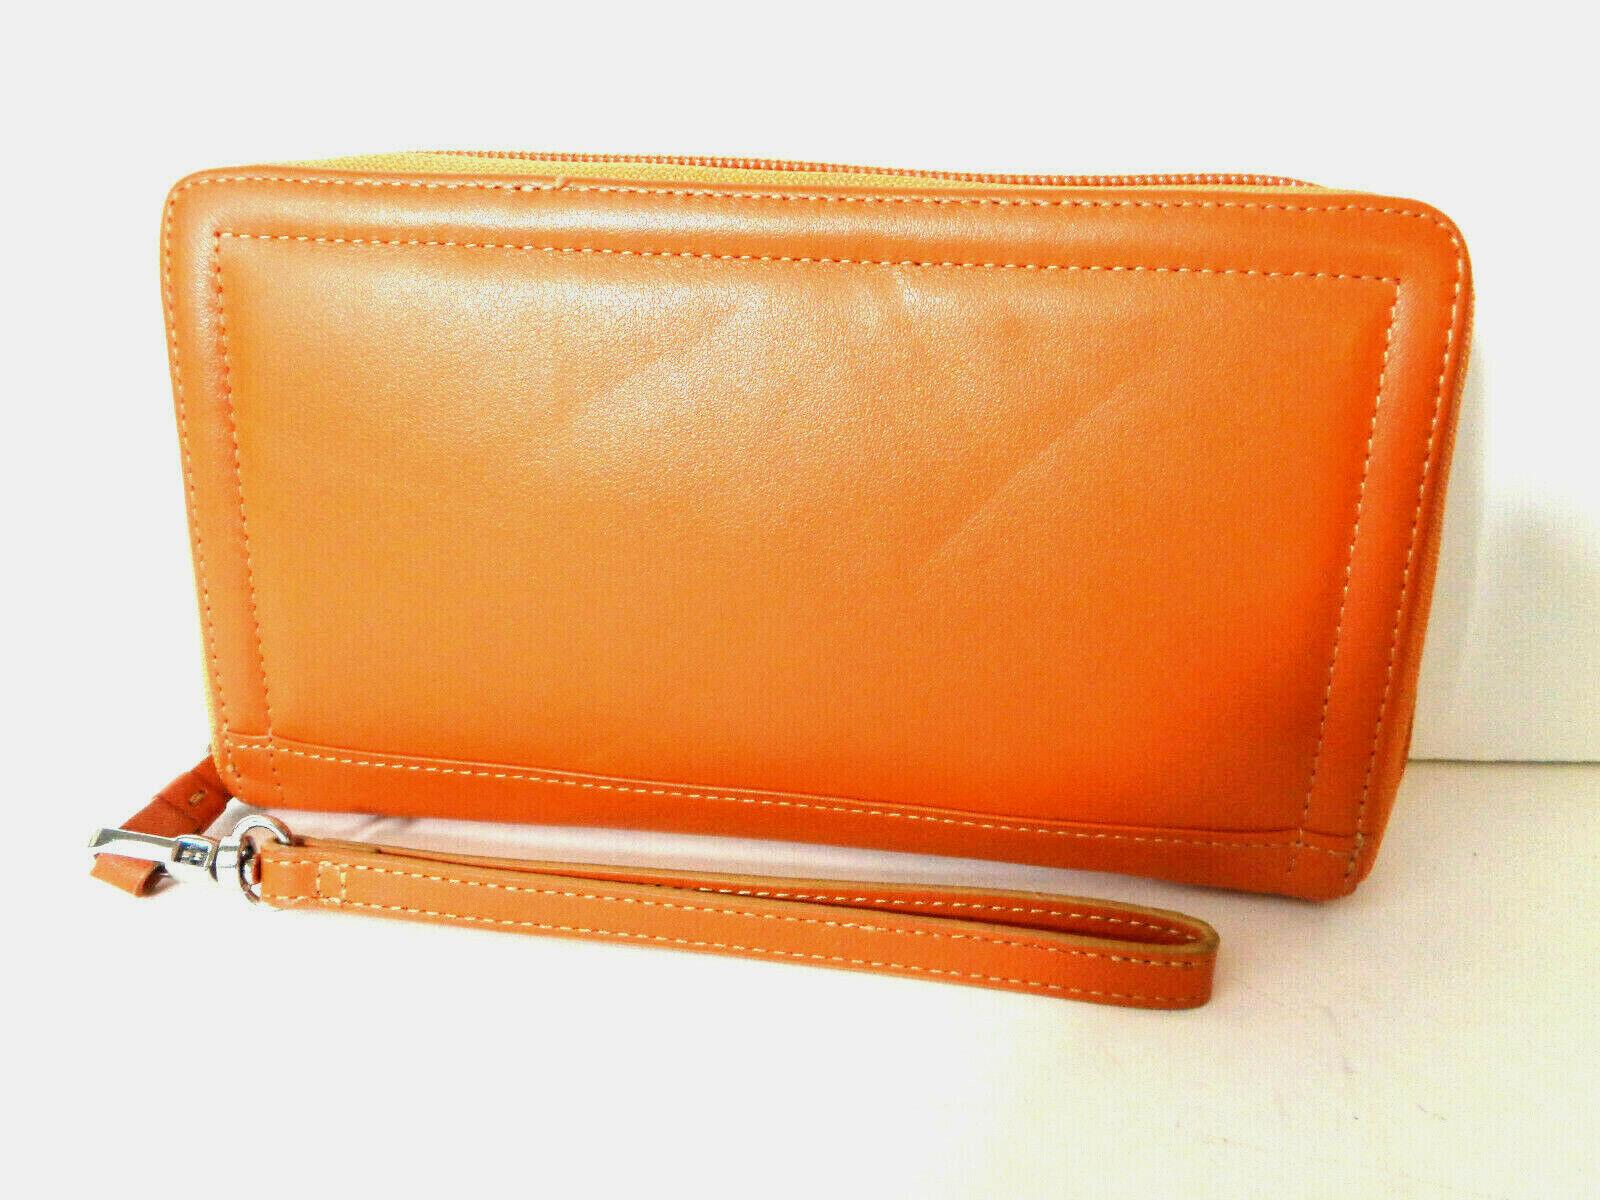 LEVENGER Orange Leather Zip Around Clutch Wallet Wristlet